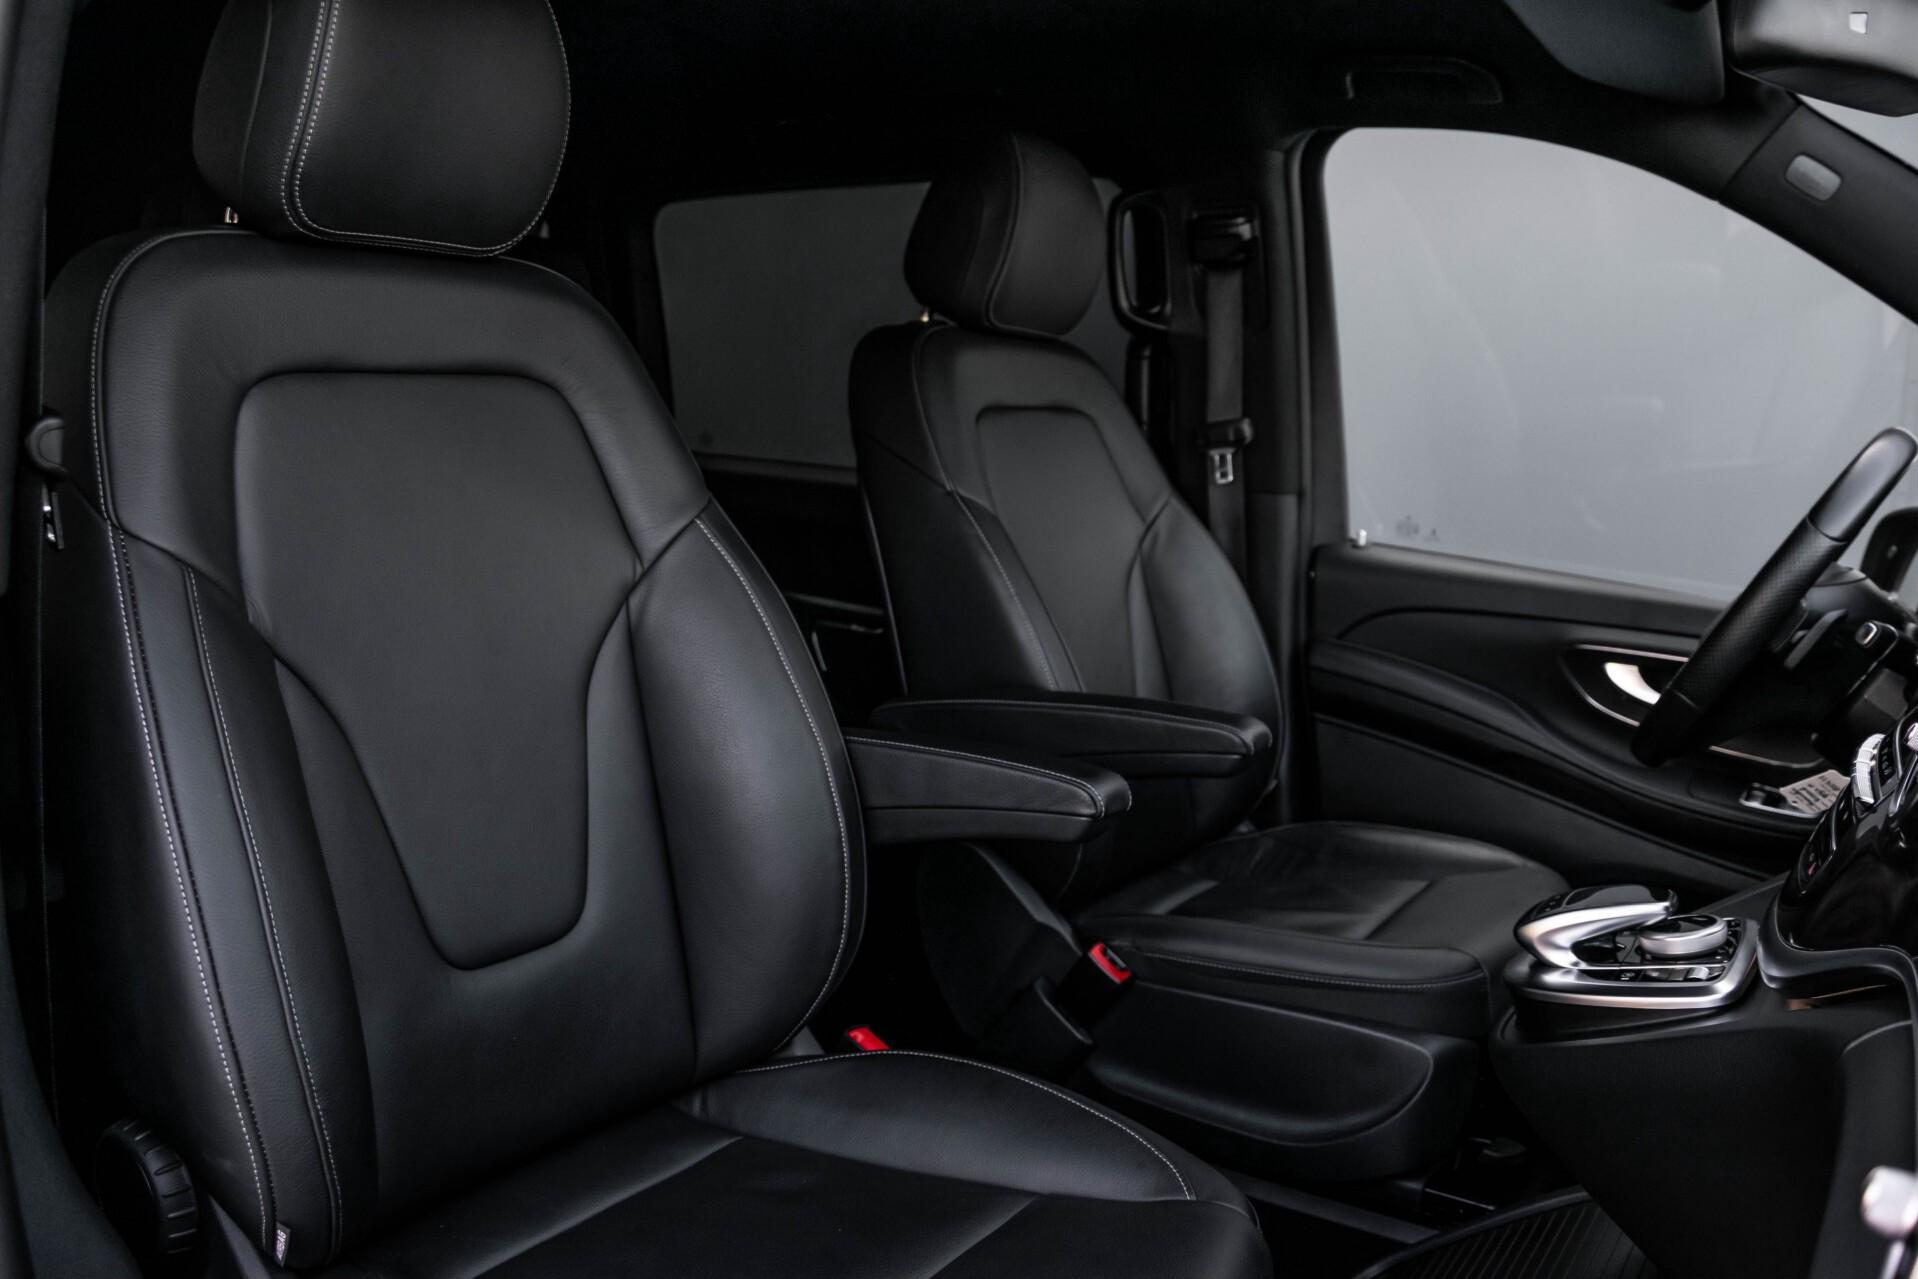 Mercedes-Benz V-Klasse 220d Extra Lang 8-Persoons Avantgarde Edition Burmester/360camera/spoorpakket/ILS Aut7 Foto 3